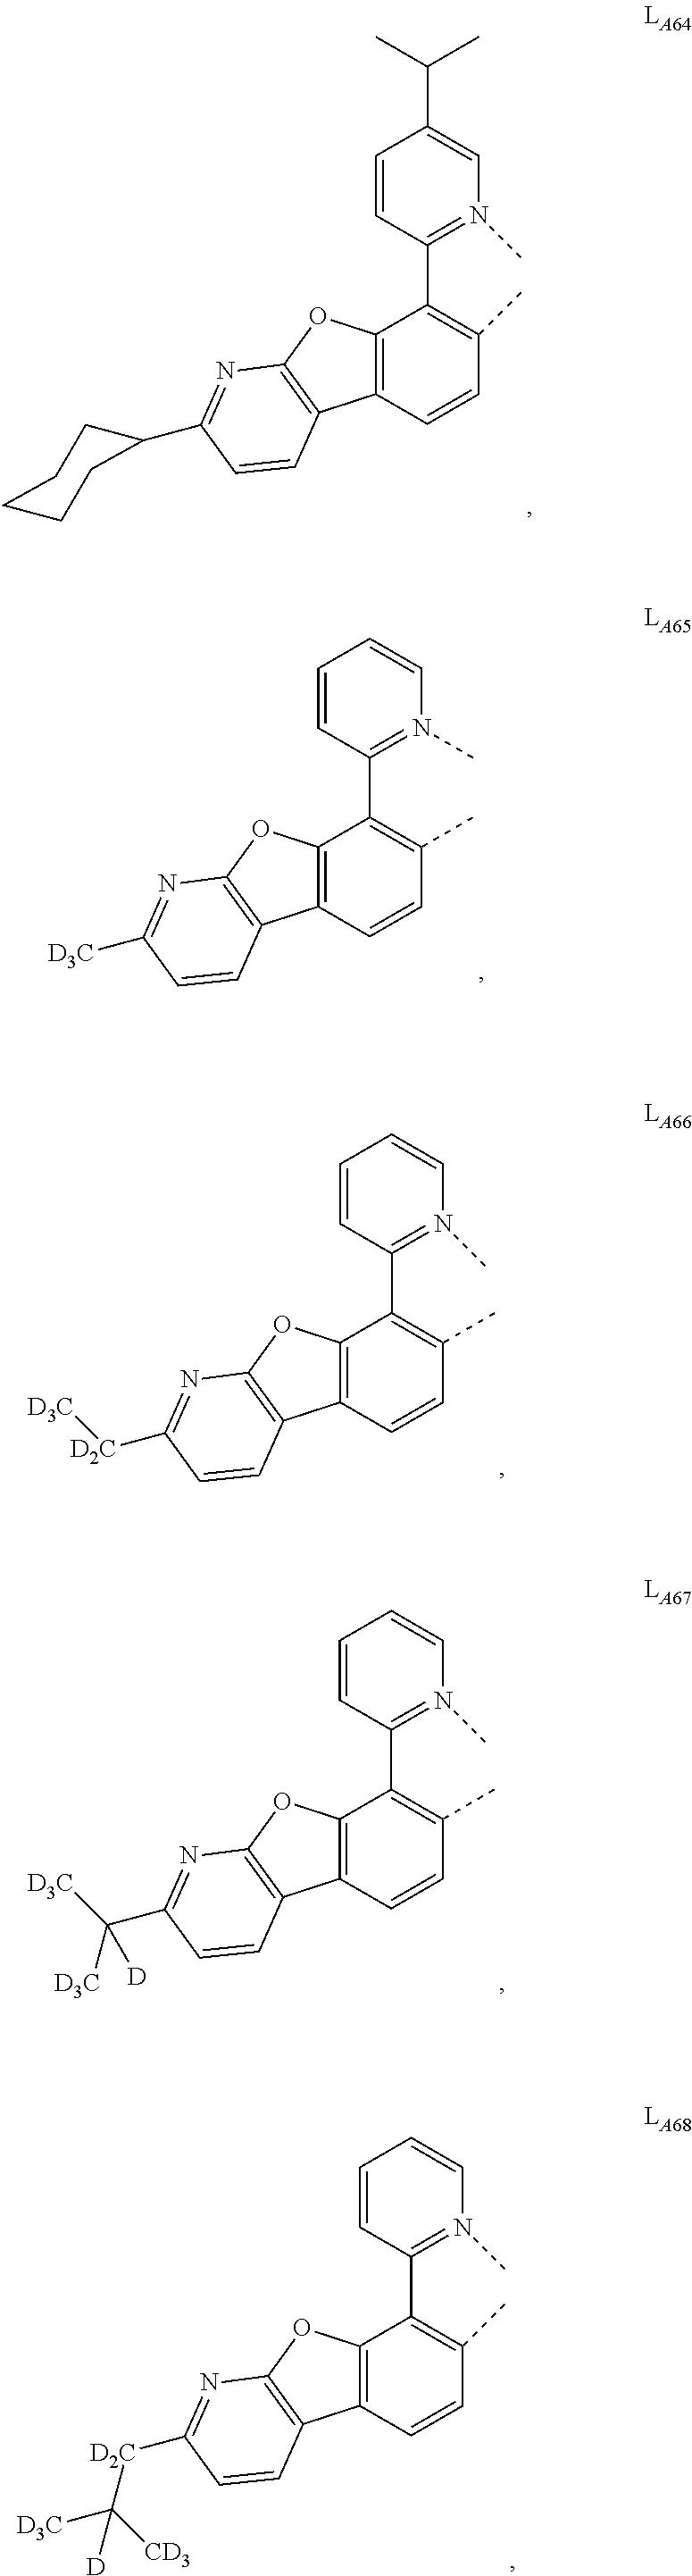 Figure US20160049599A1-20160218-C00023